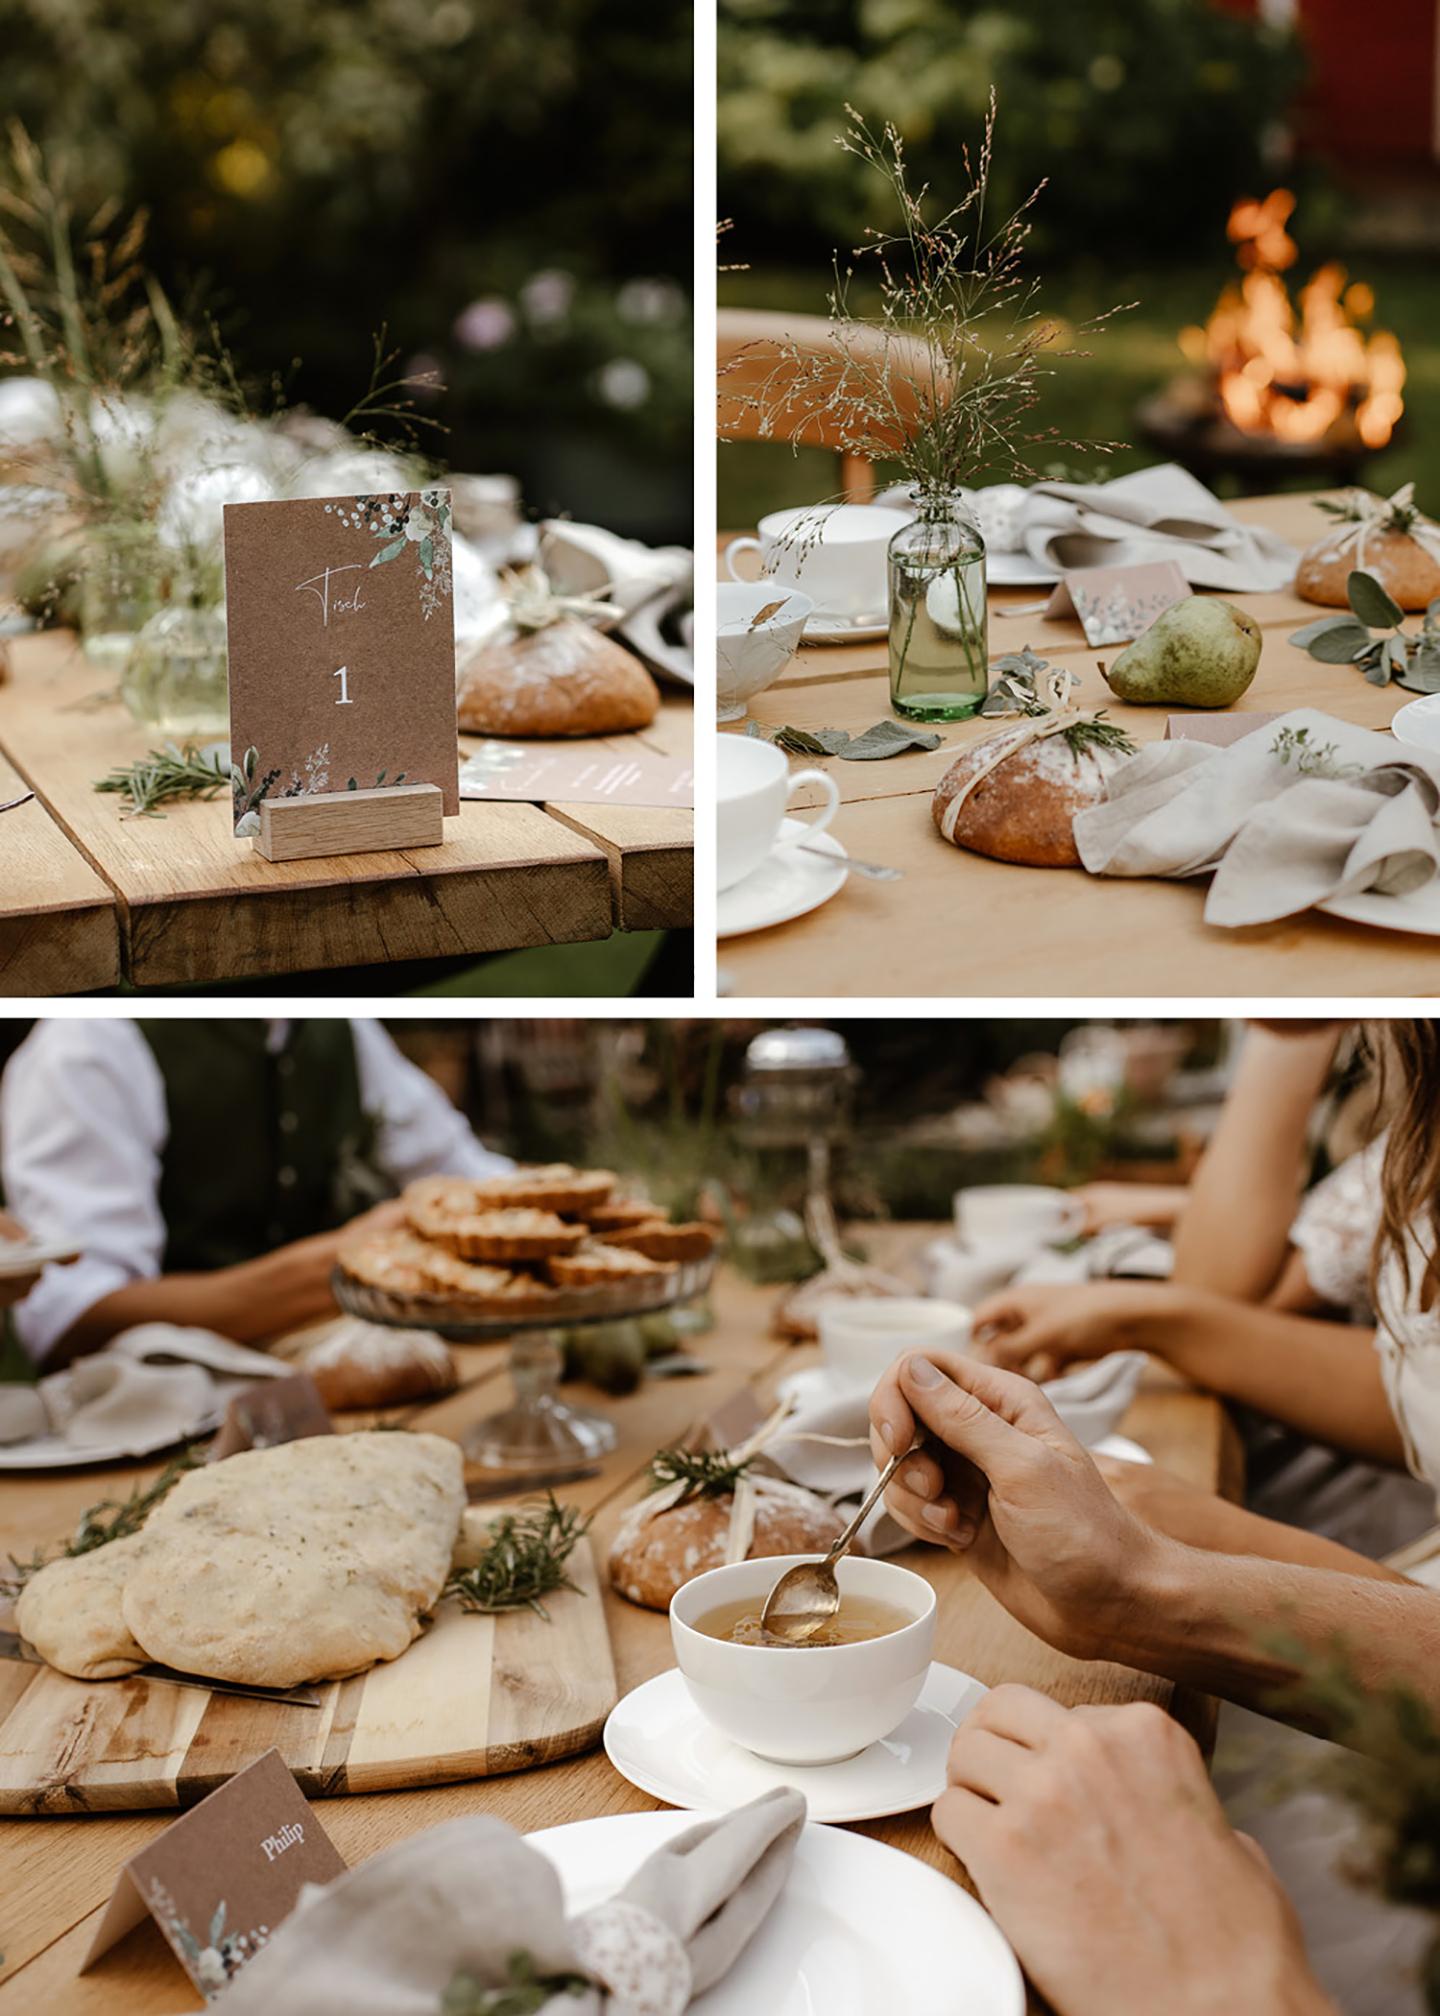 Die Papeterie hat den selben Stil wie die ganze Hochzeit: Das rustikale Naturpapier wird geziert von hellen Grüntönen als handillustrierte Pflanzenelemente. Zu sehen ist die Papeterie auf dem Tisch angeordnet.